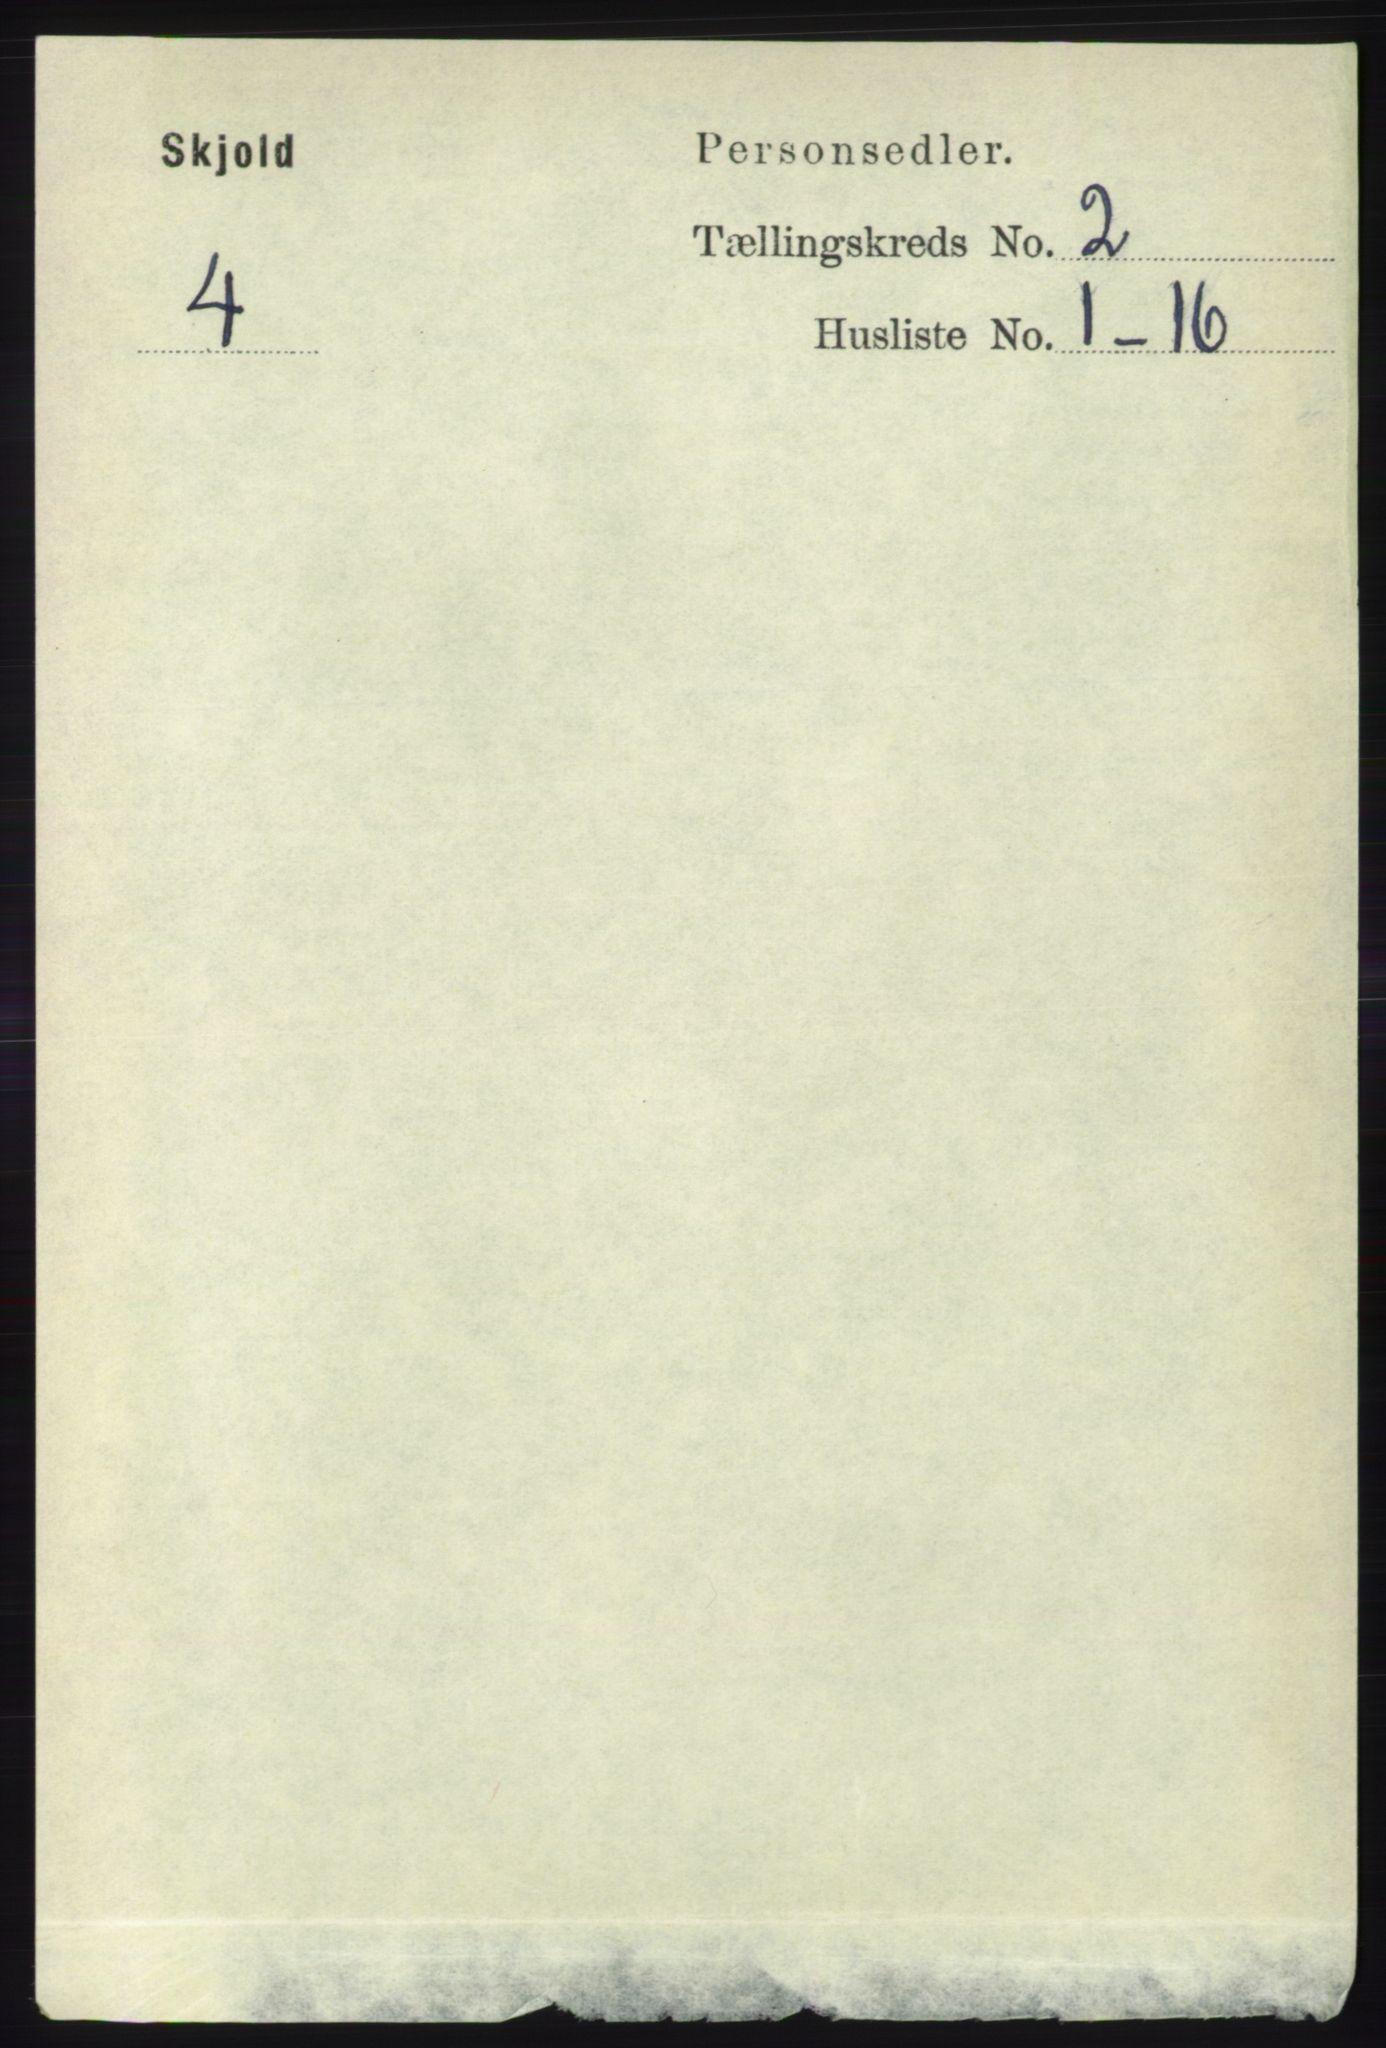 RA, Folketelling 1891 for 1154 Skjold herred, 1891, s. 282